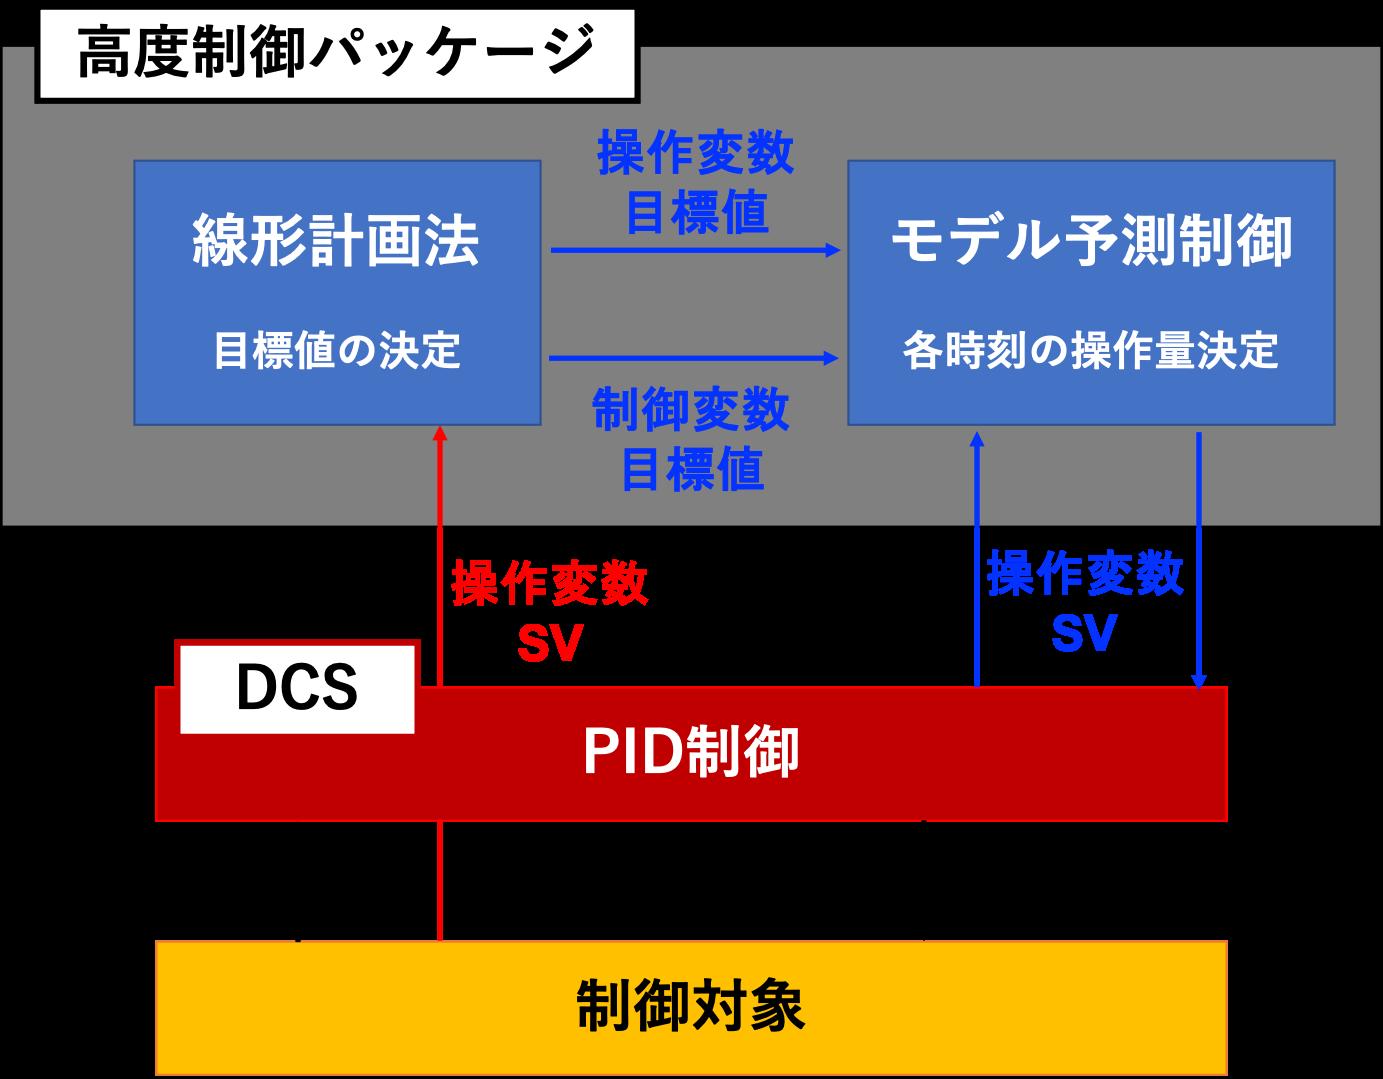 モデル予測制御システム構成